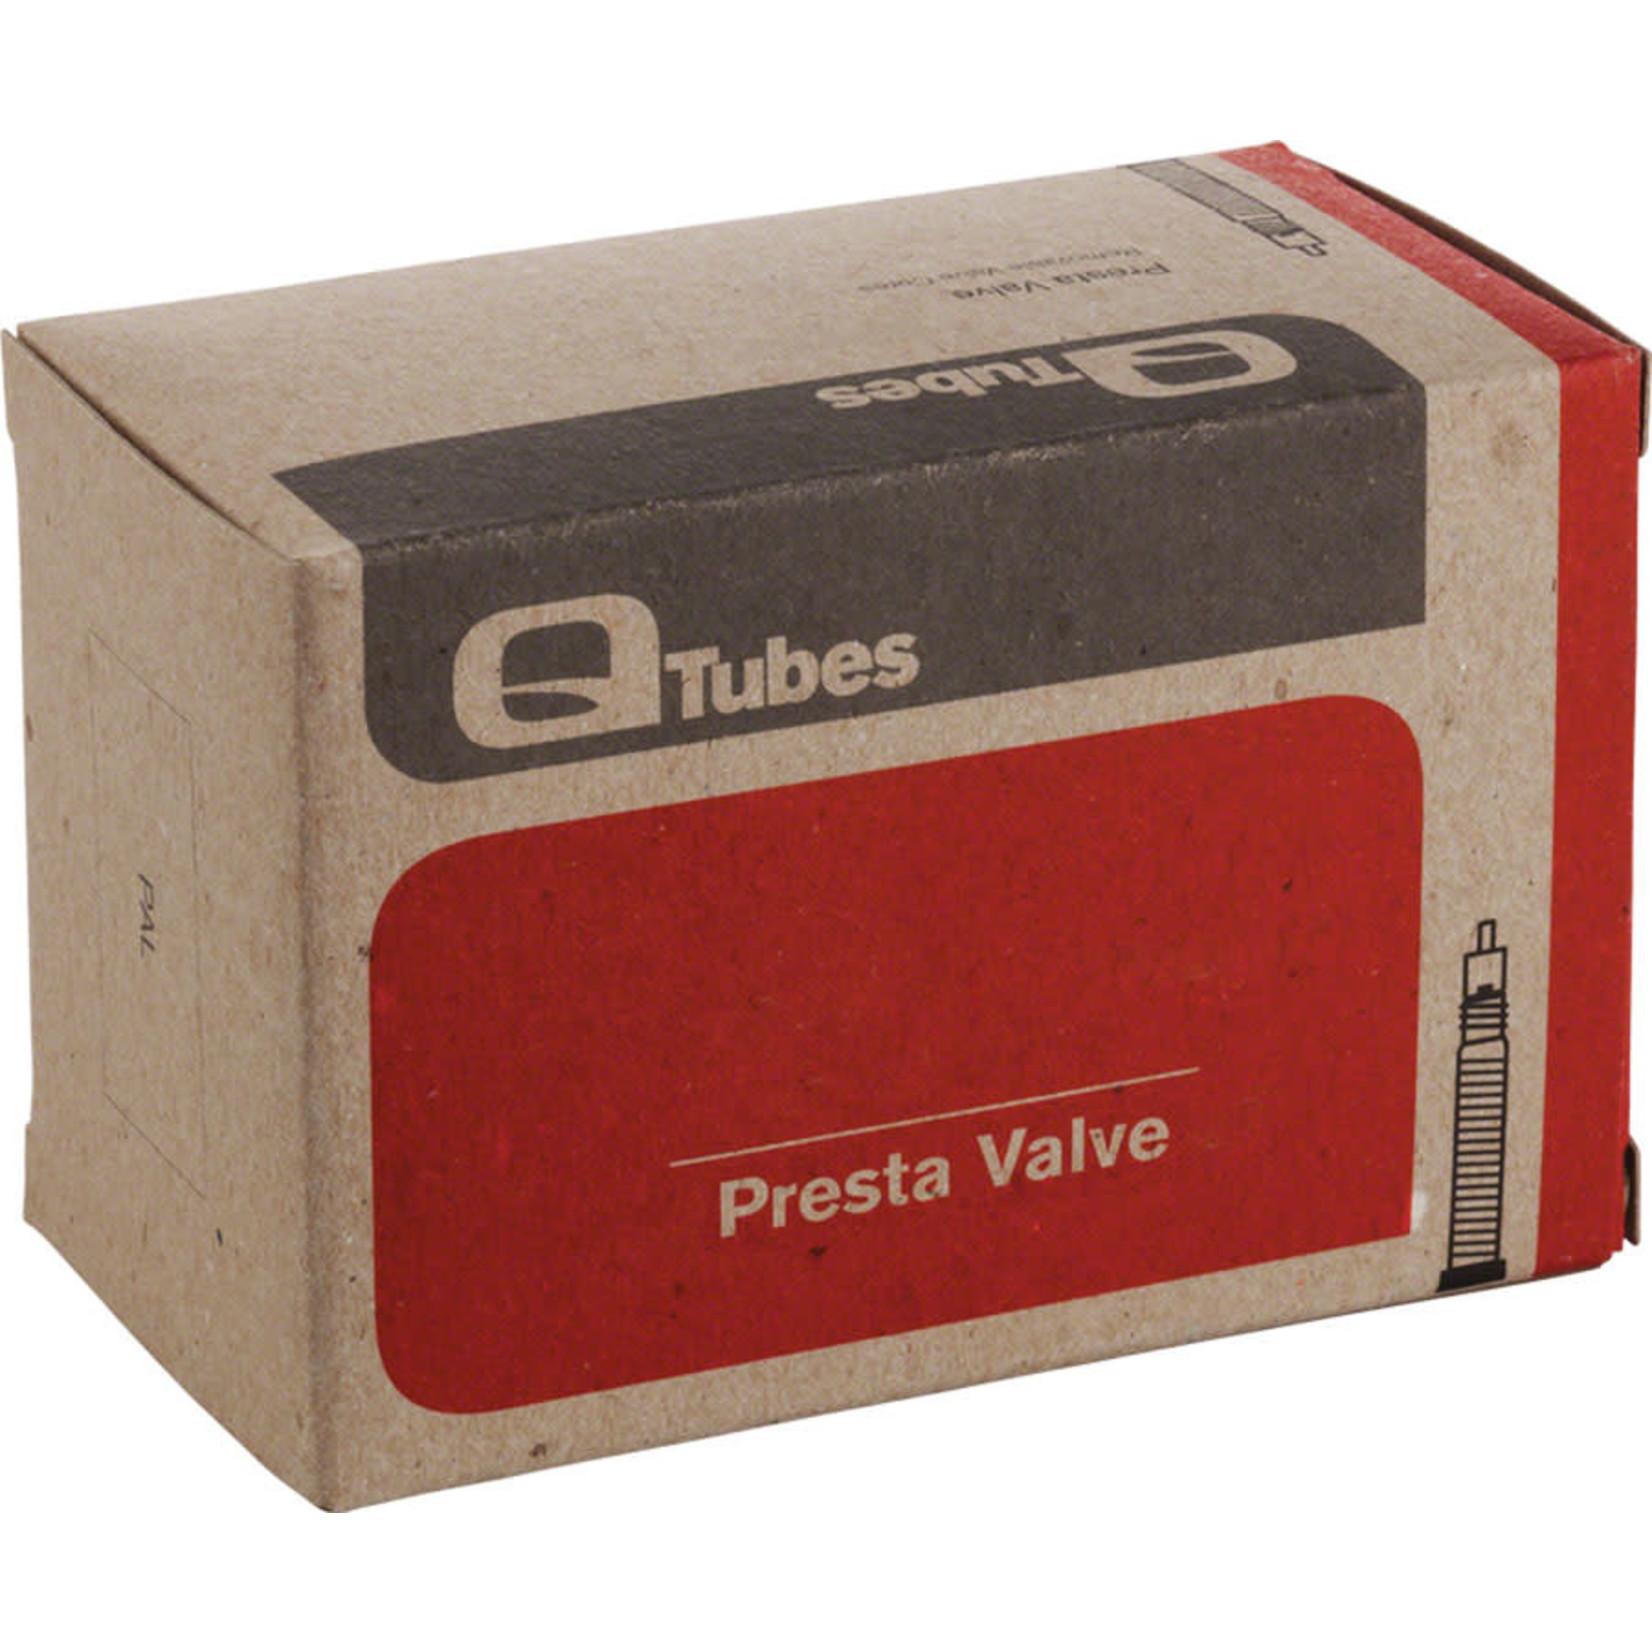 """Q-Tubes Q-Tubes / Teravail 29"""" x 2.36-2.8"""" Tube: 48mm Presta Valve"""